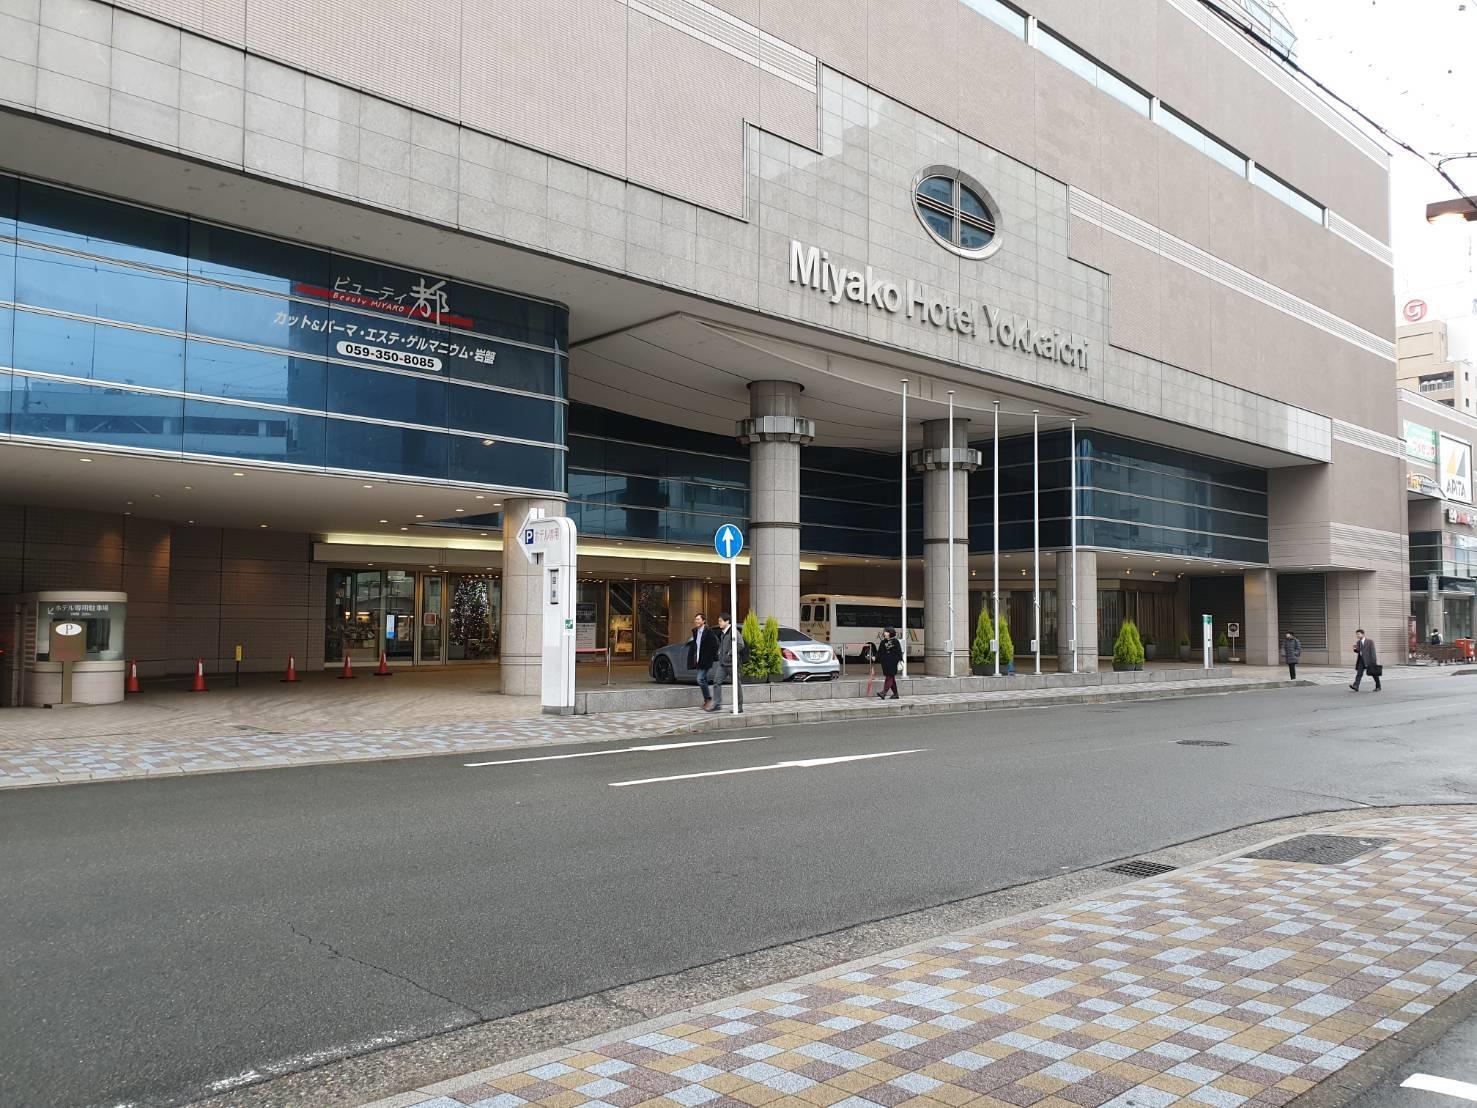 3. โรงแรม Miyako 200211 0002